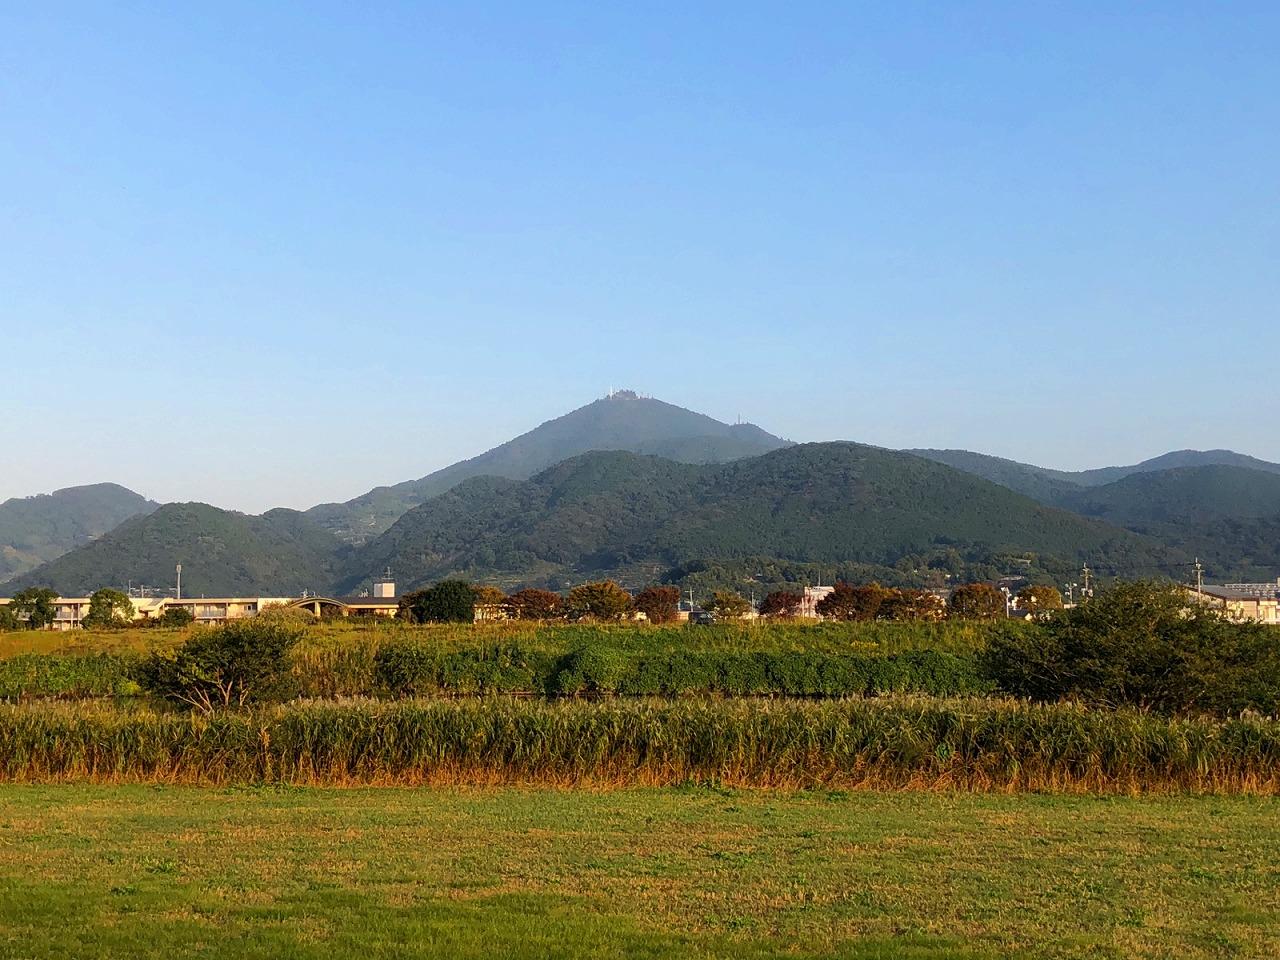 2018.10.29今朝の金峰山です。